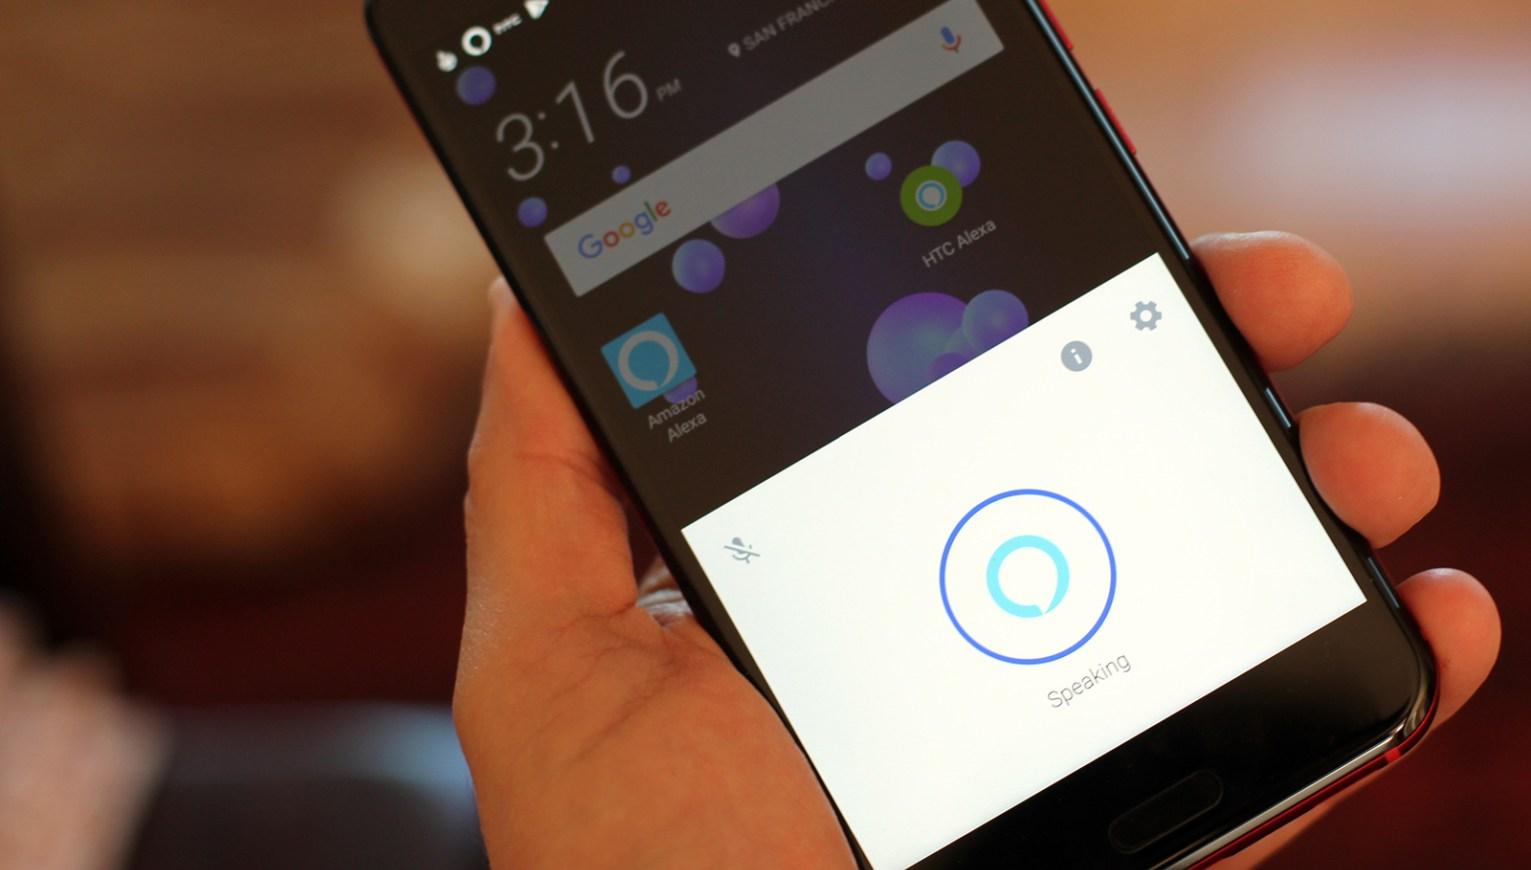 Android Telefonlarda Alexa Nasıl Kullanılır?